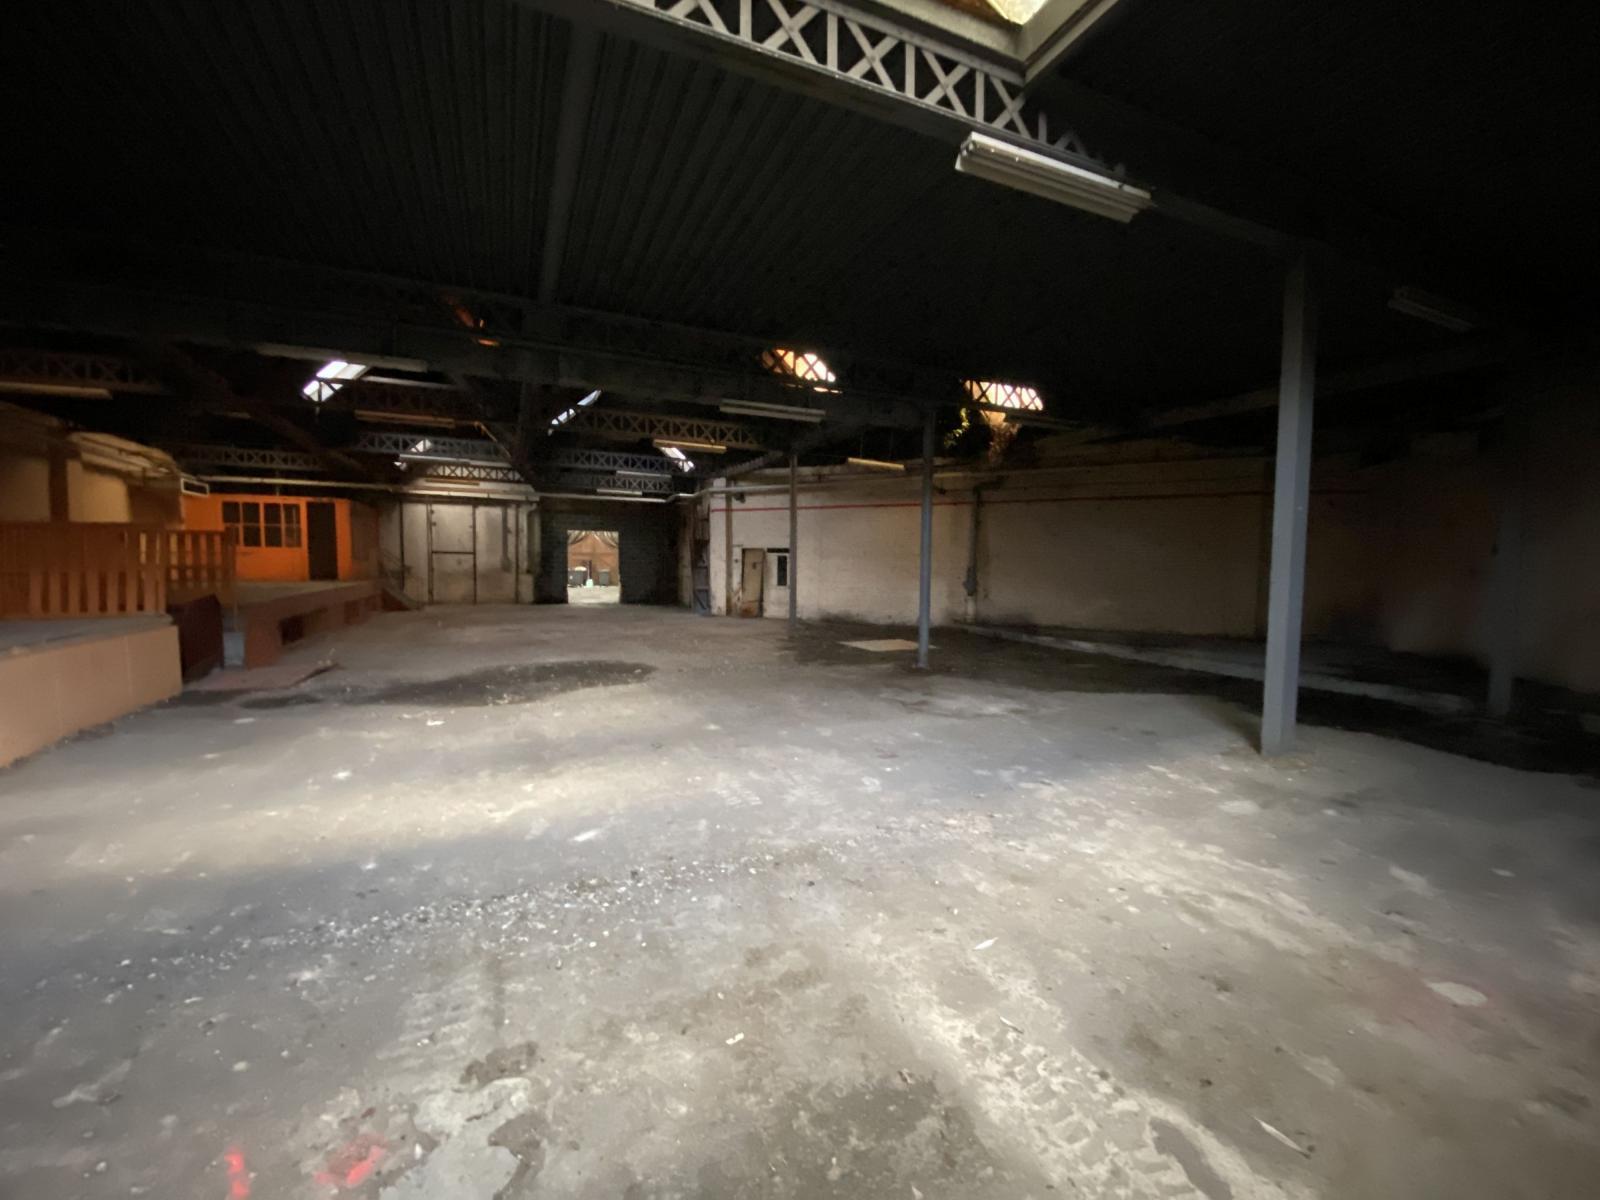 Vente - Immeuble LILLE - V6687 - 1